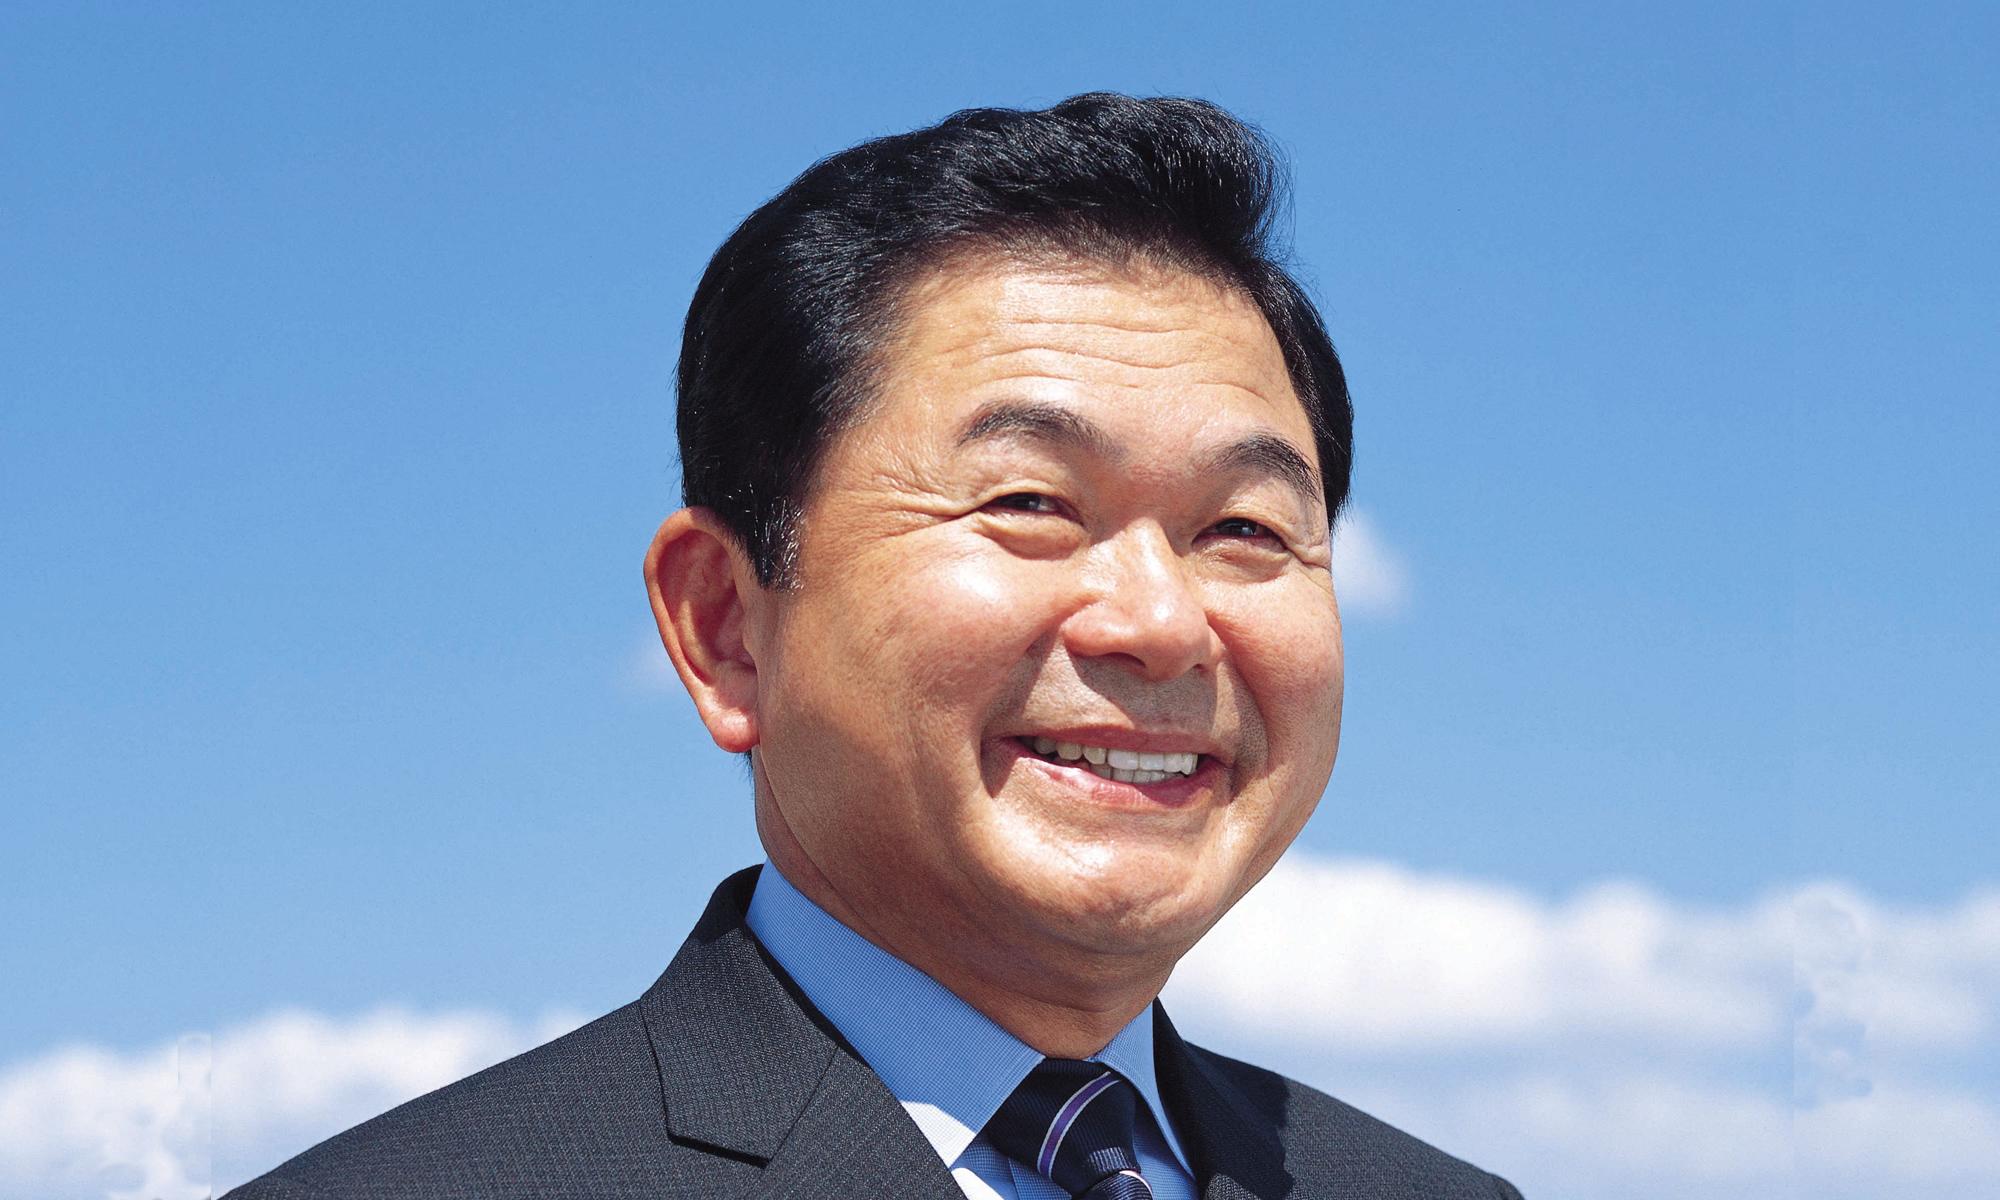 元福岡県議会議員 吉村敏男(よしむら としお)